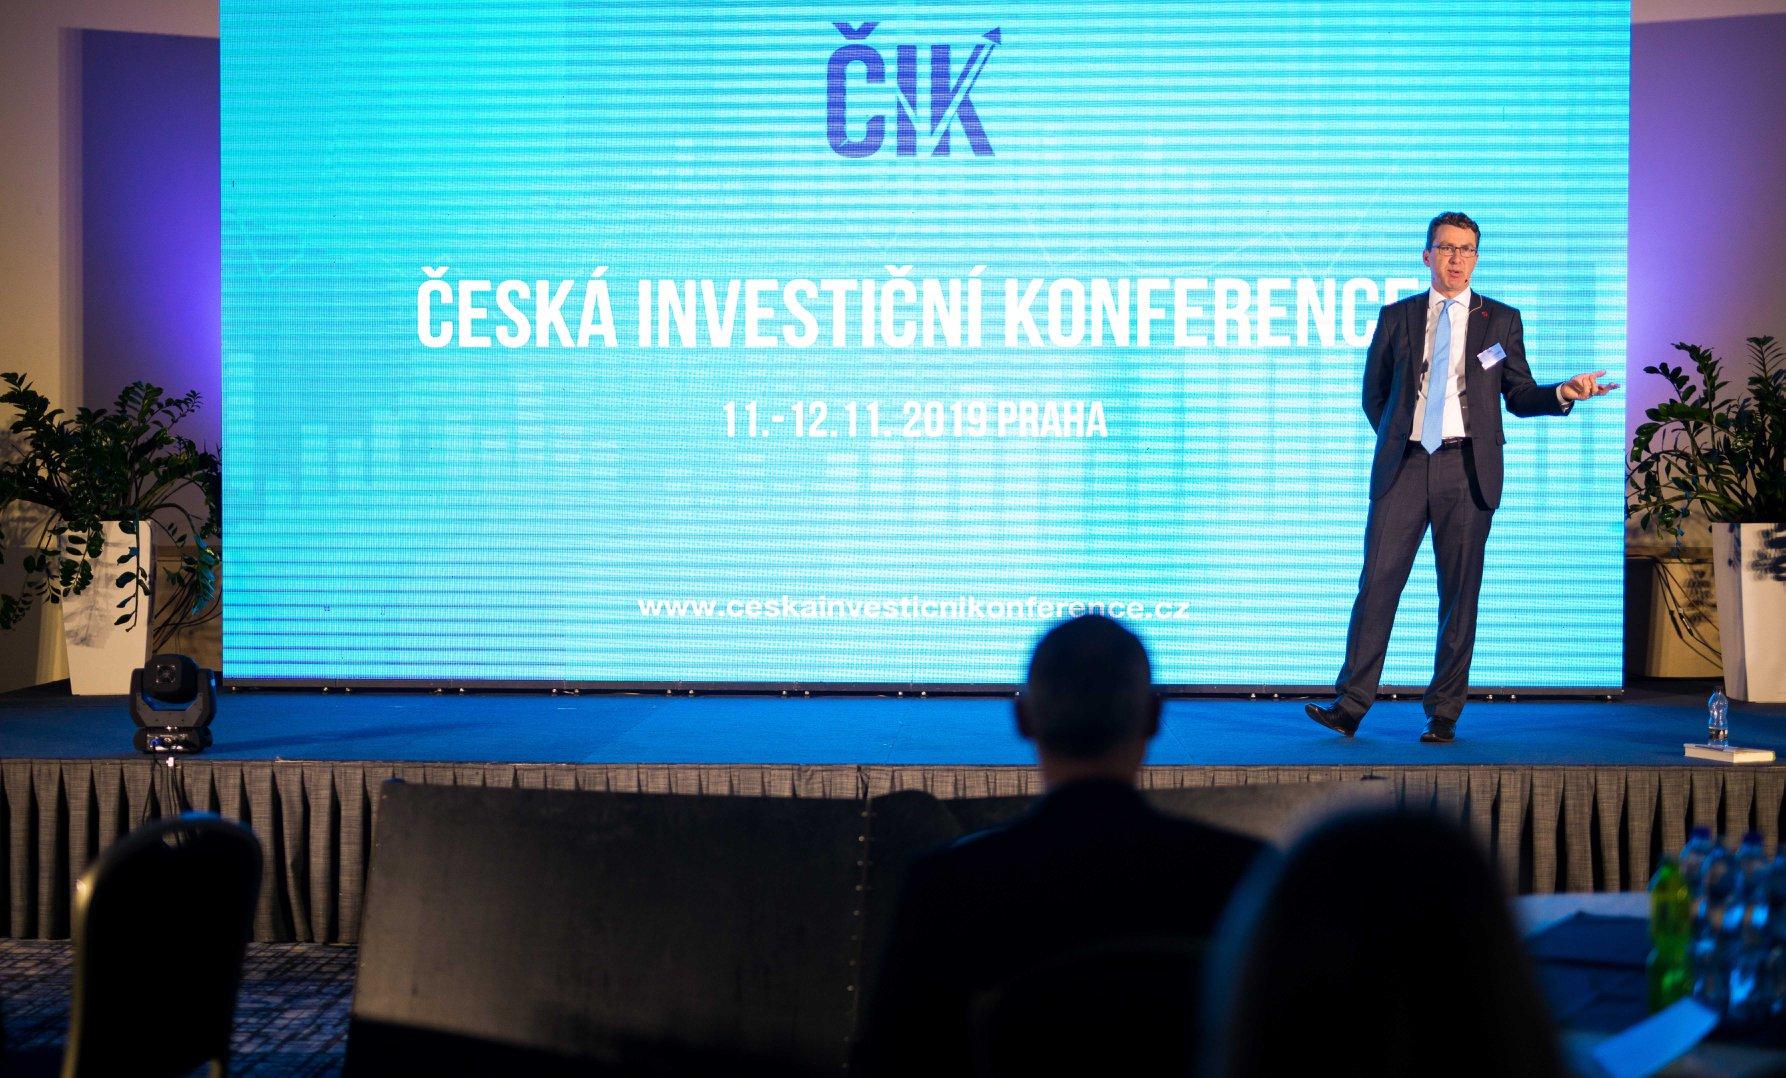 česká investiční konference 2019